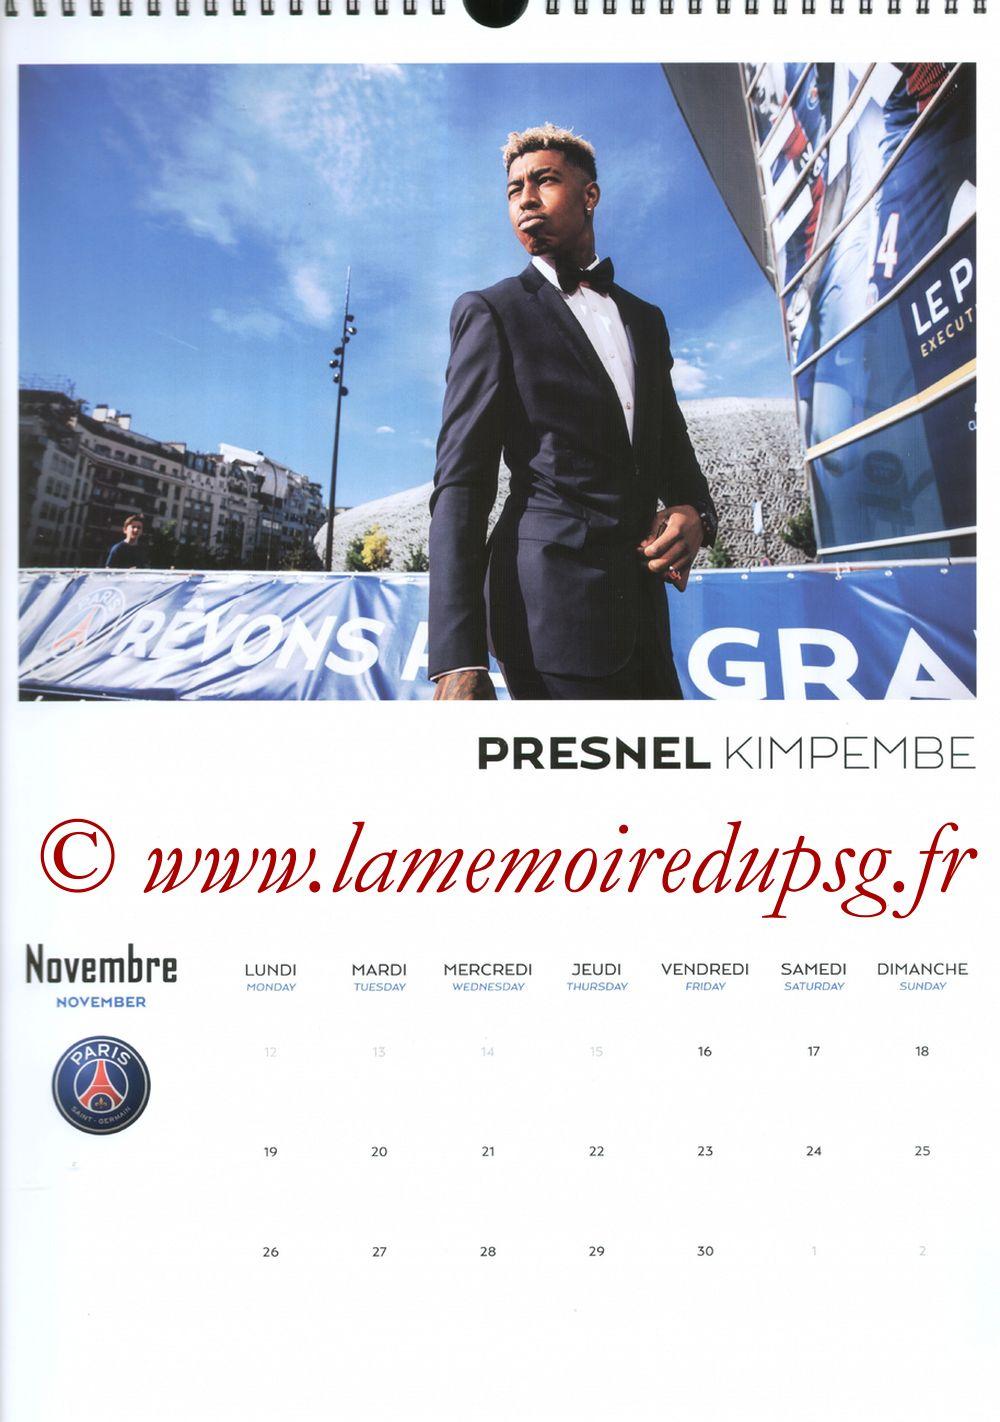 Calendrier PSG 2018 - Page 22 - Presnel KIMPEMBE